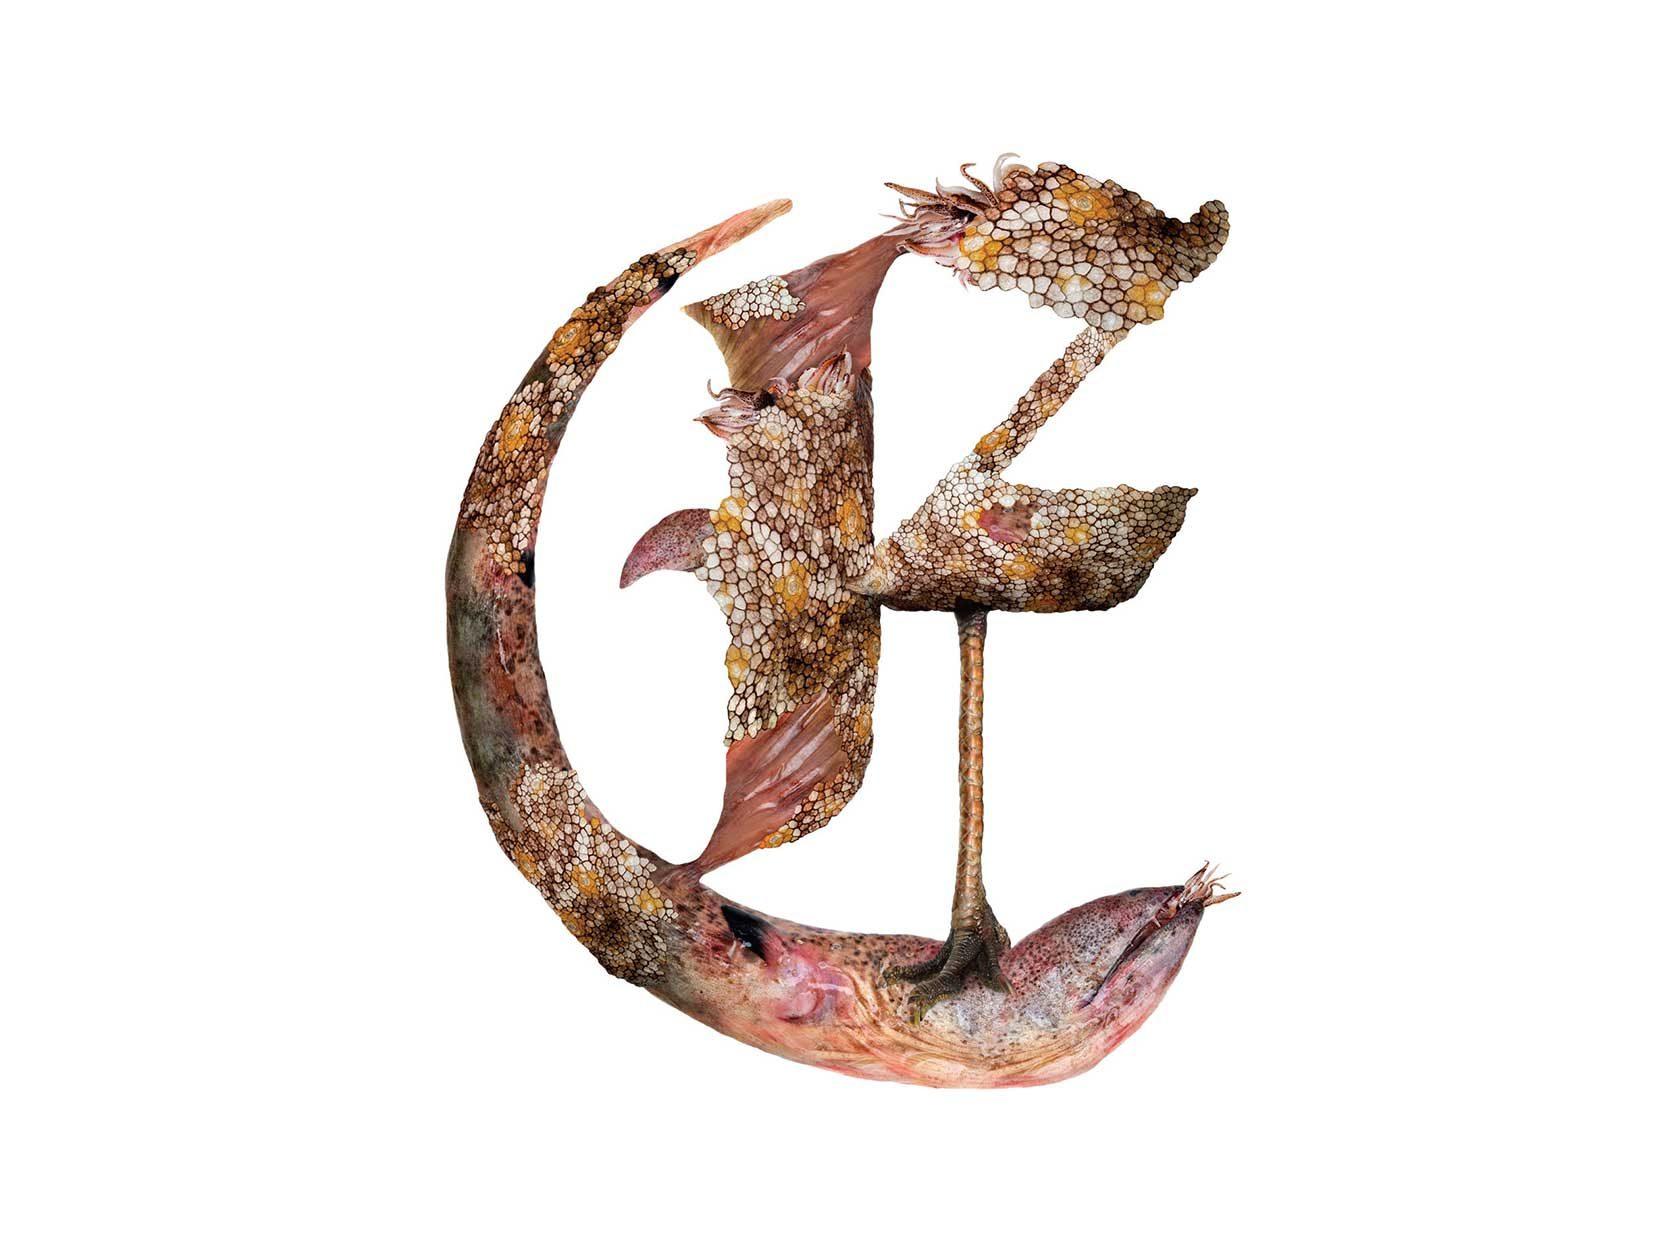 Bird Headed Monster Letter E2 Design by Furia